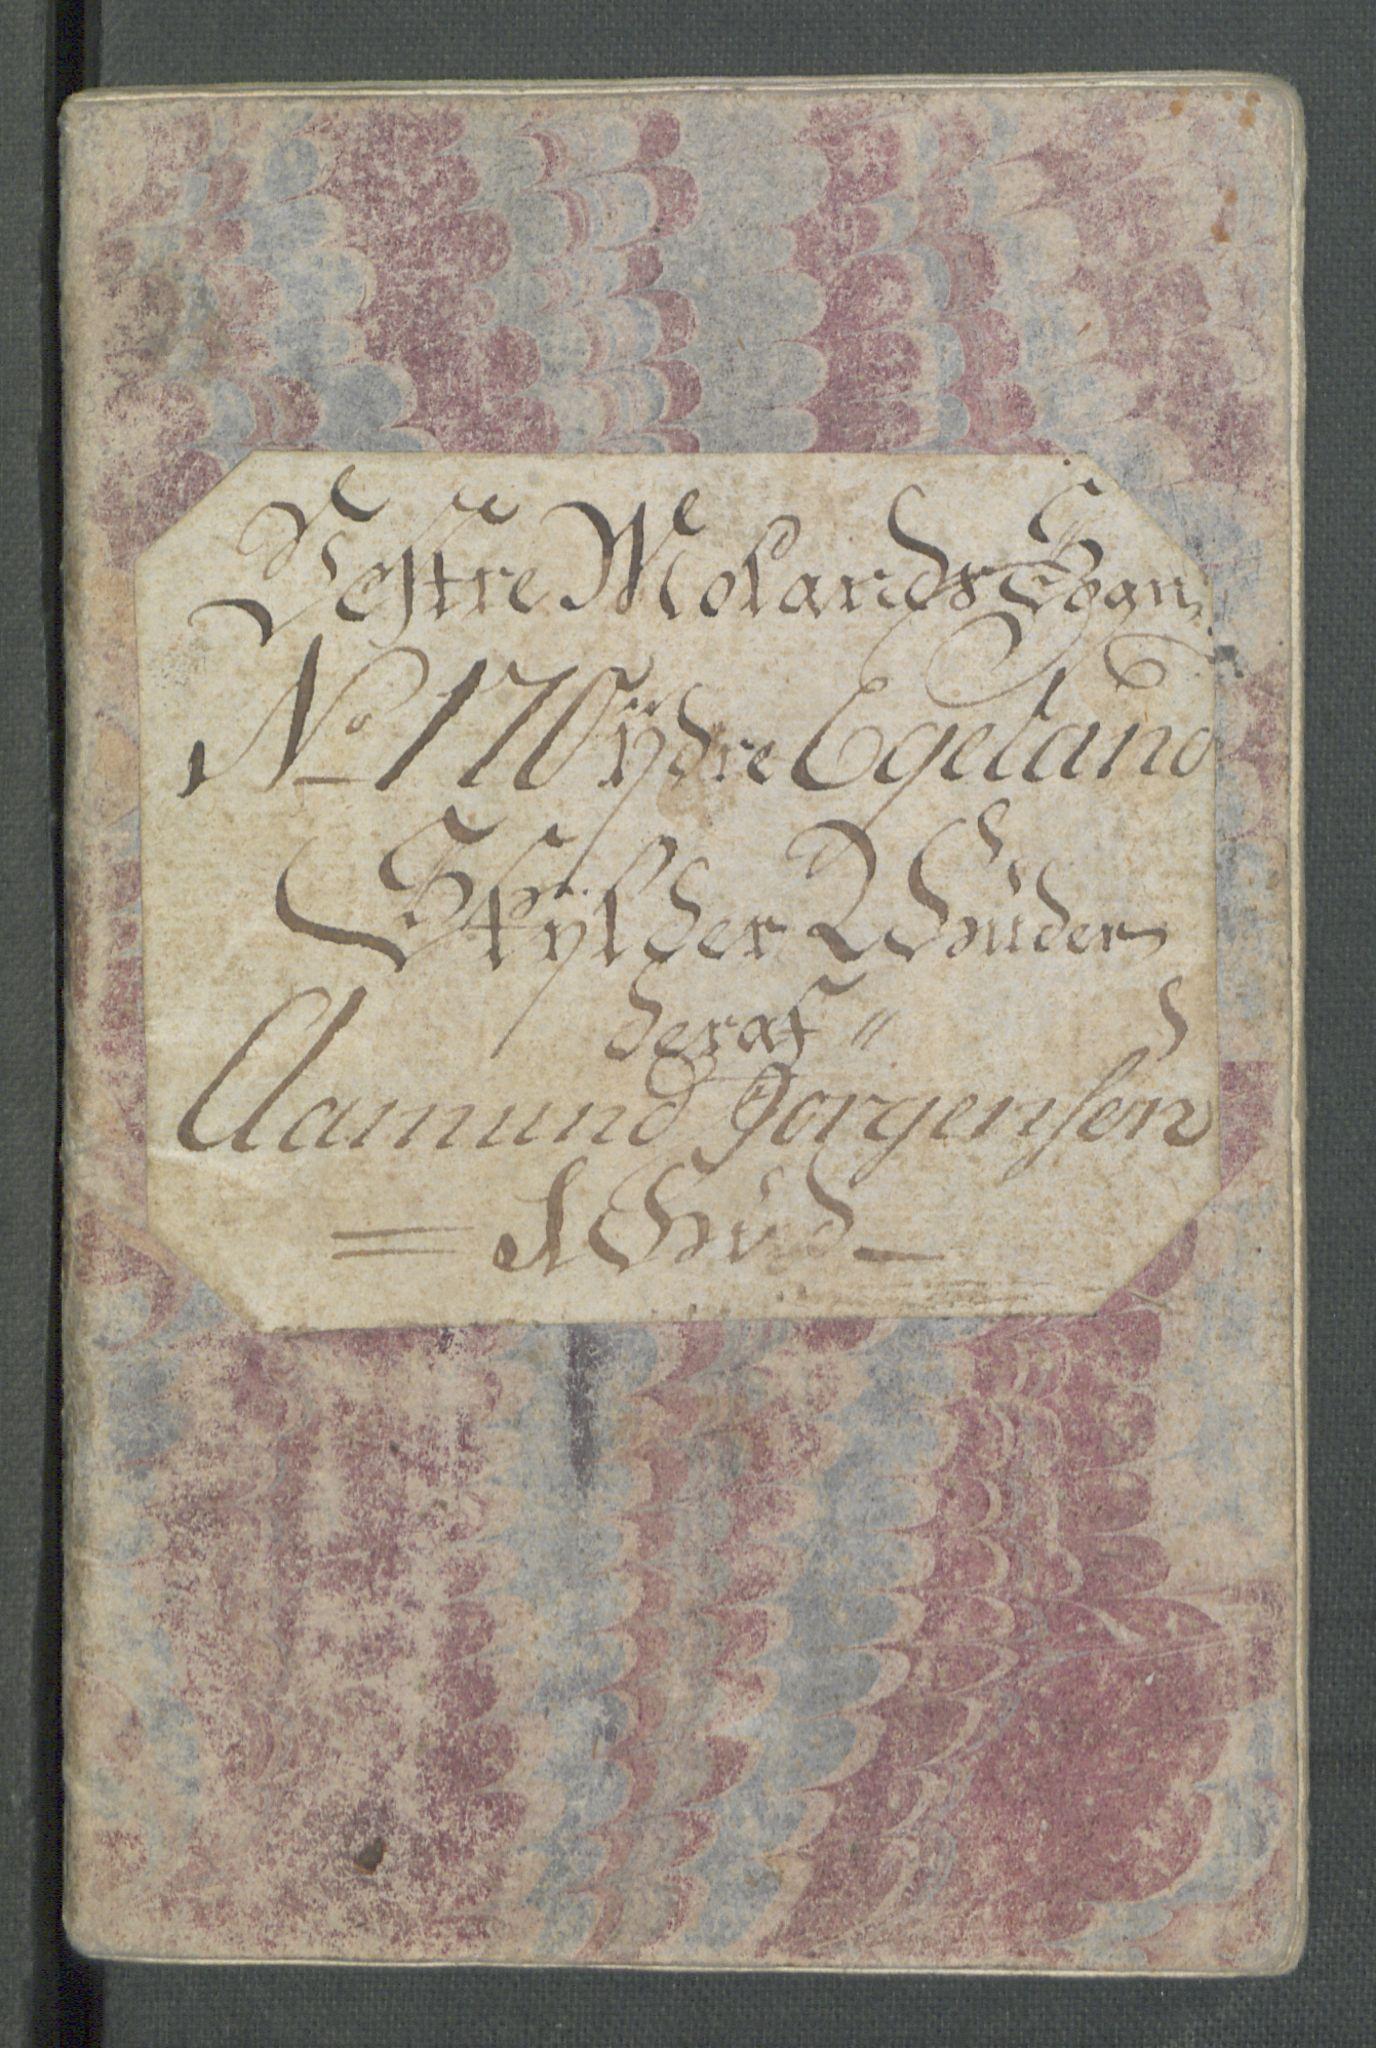 RA, Rentekammeret inntil 1814, Realistisk ordnet avdeling, Od/L0001: Oppløp, 1786-1769, s. 377